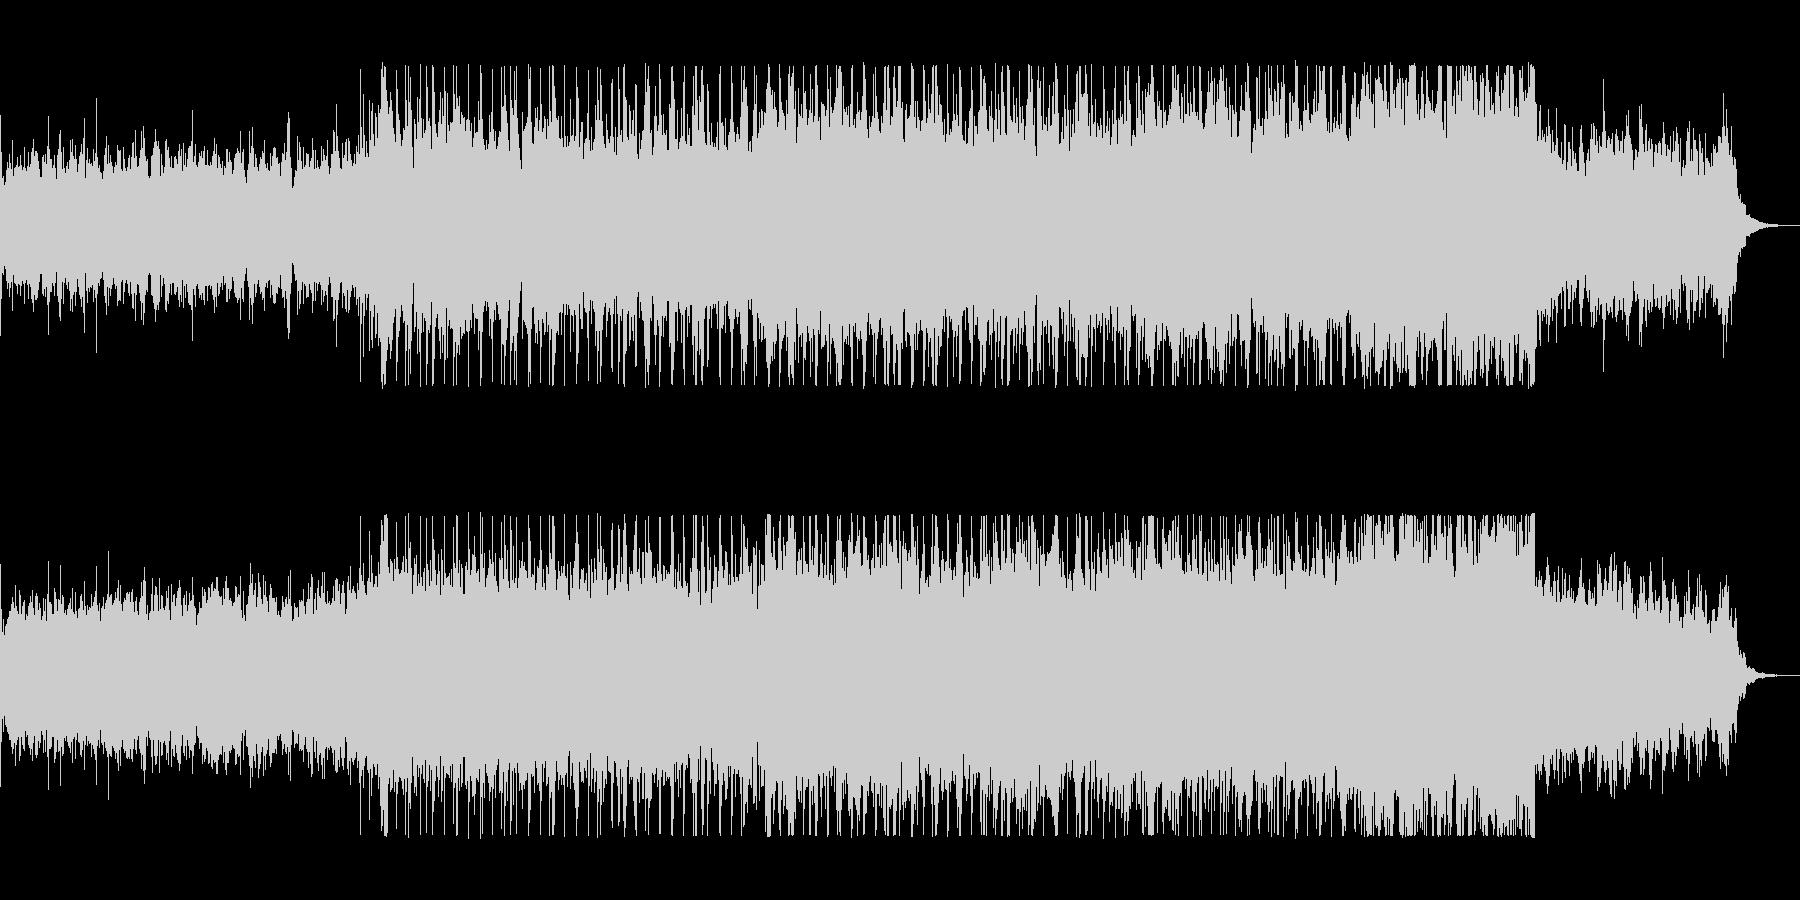 重みのあるリズムがかっこいいロックの未再生の波形